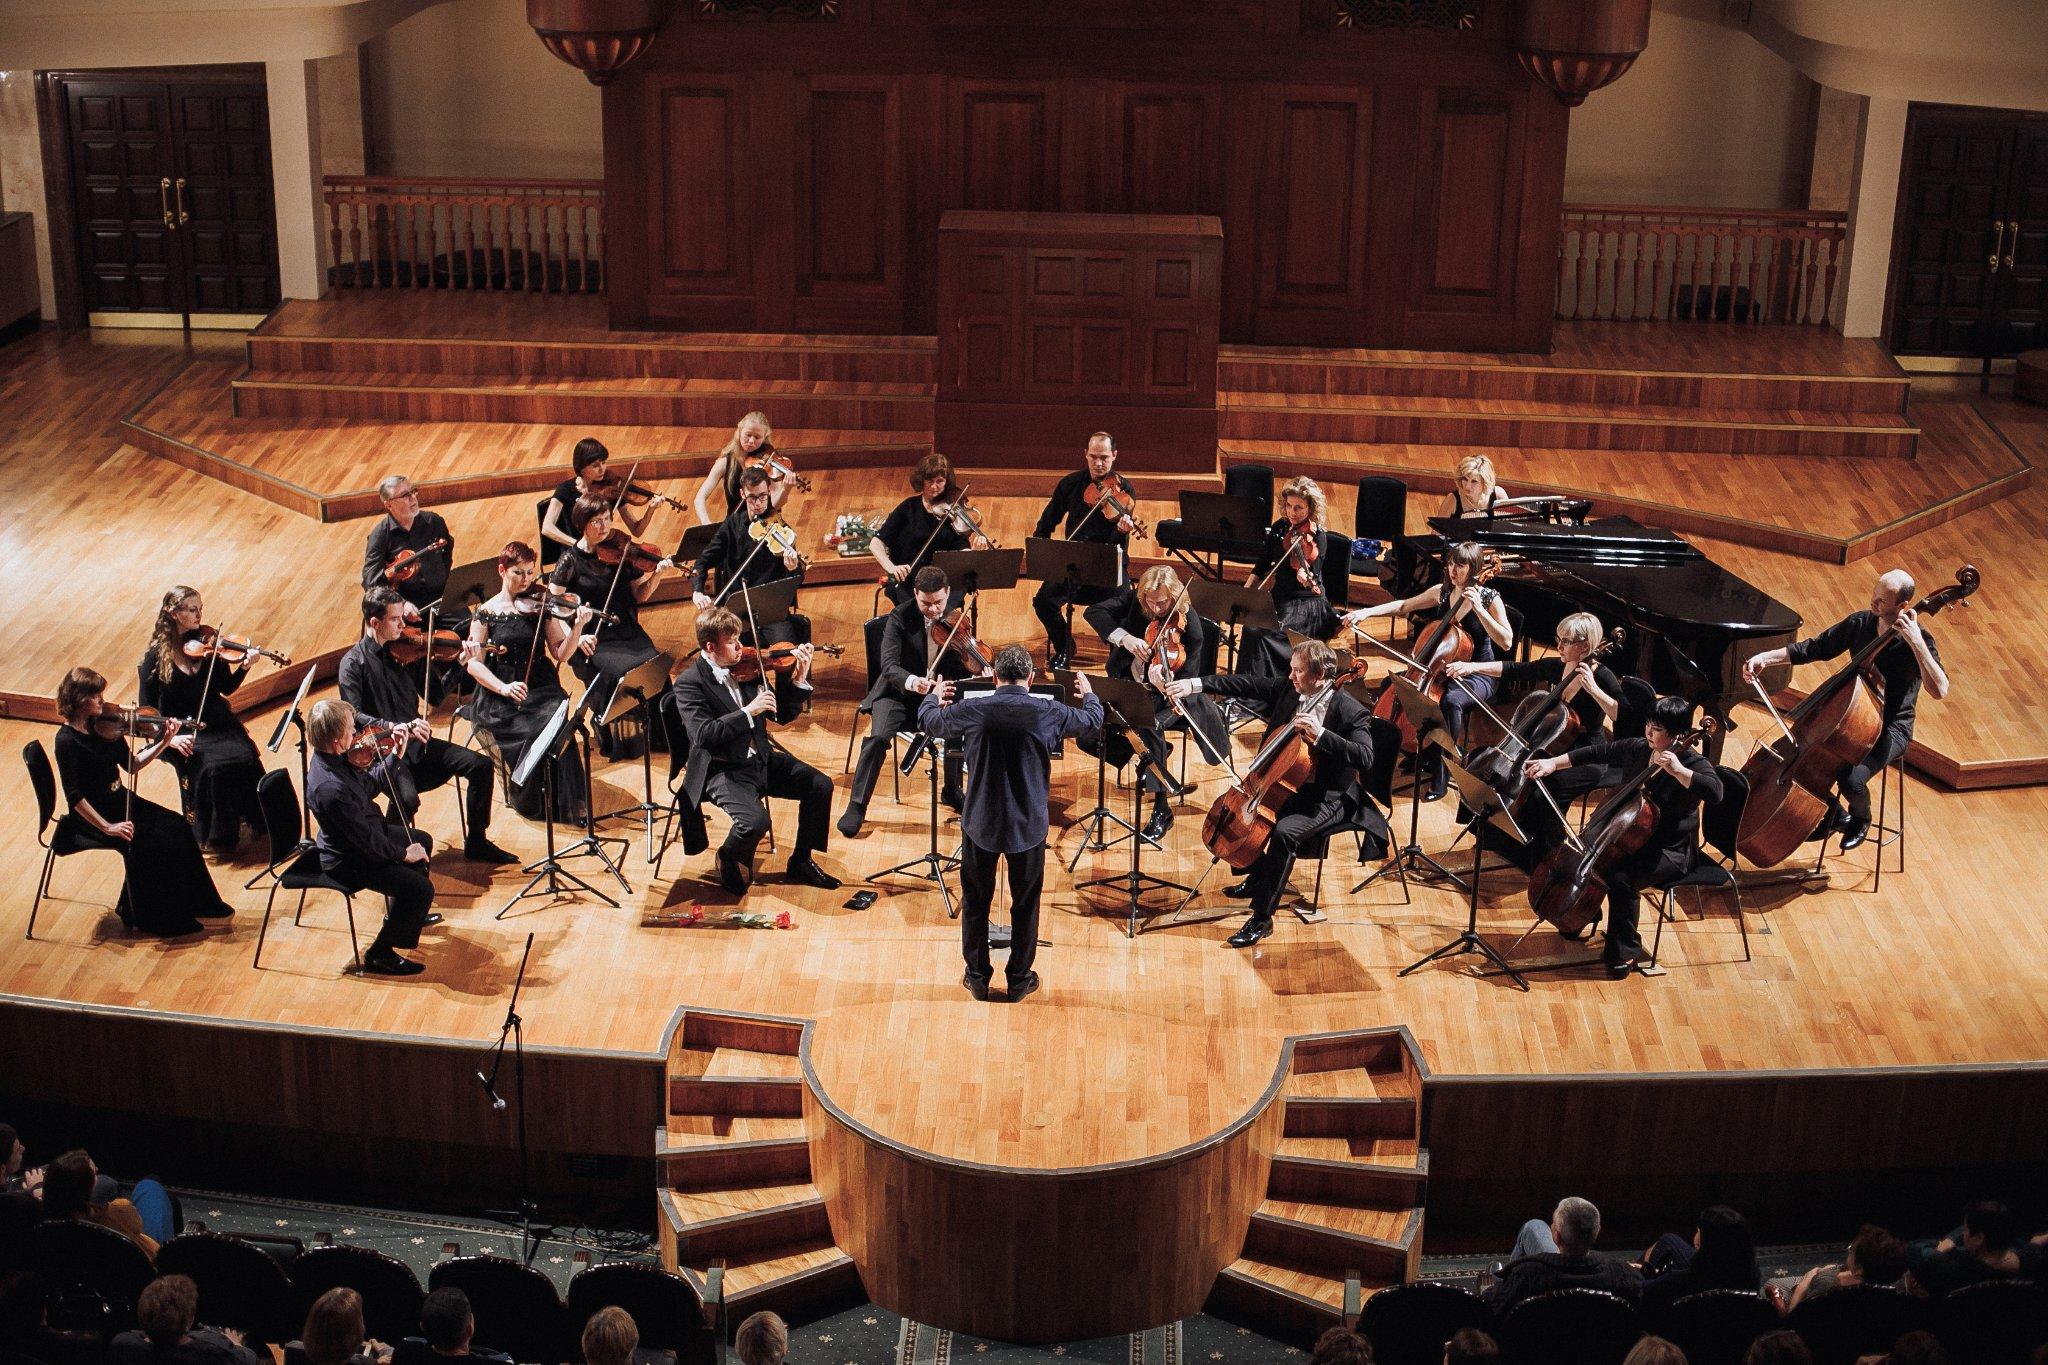 картинки камерного оркестра сможет бедолага